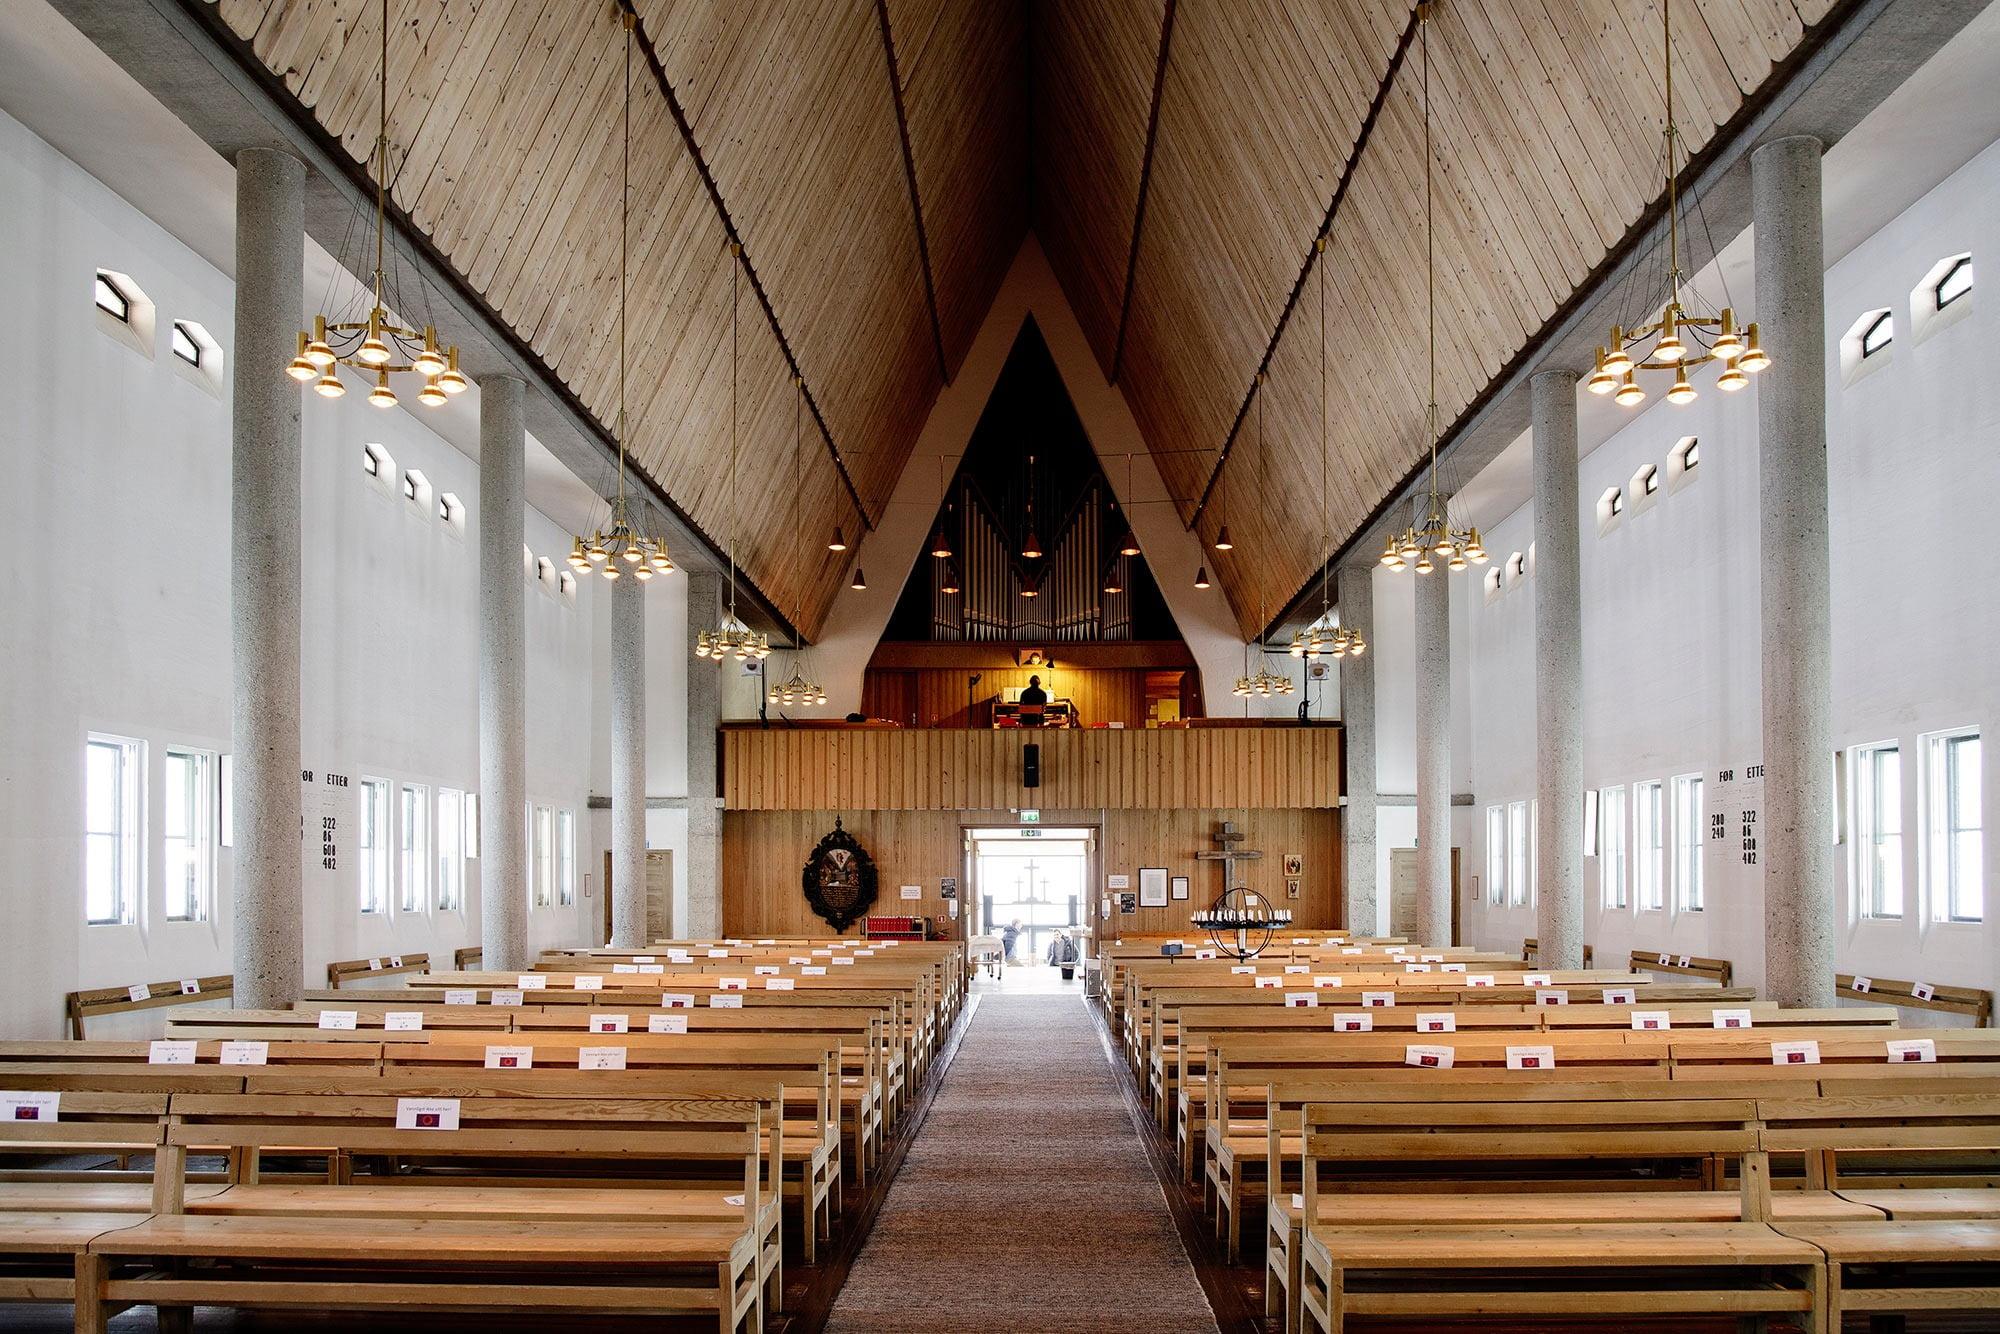 Interior design, Wood, Building